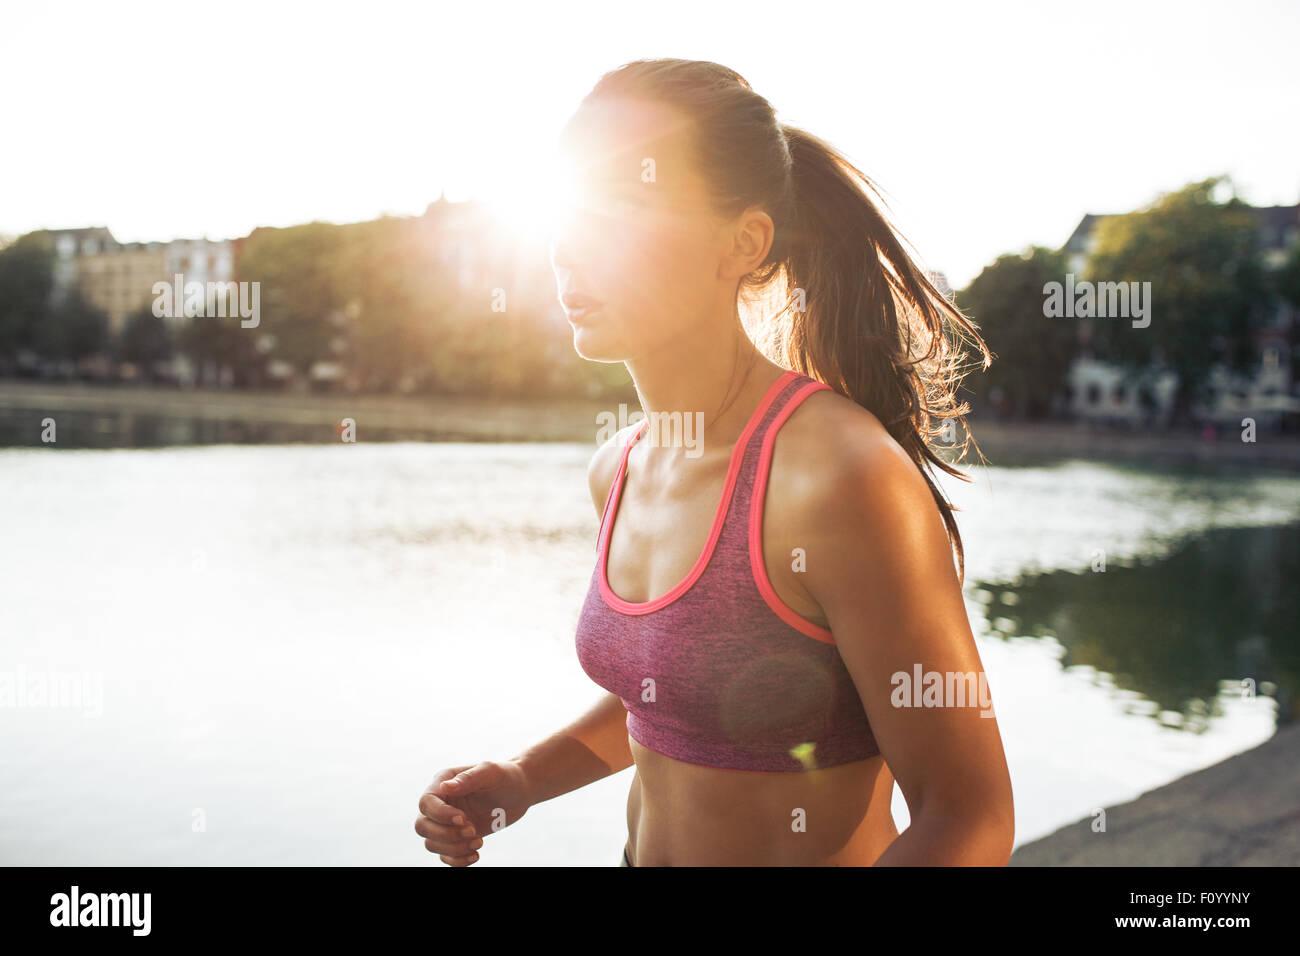 Colpo all'aperto di determinata giovane donna fuori per una corsa nel parco della città. Sportive jogging Immagini Stock